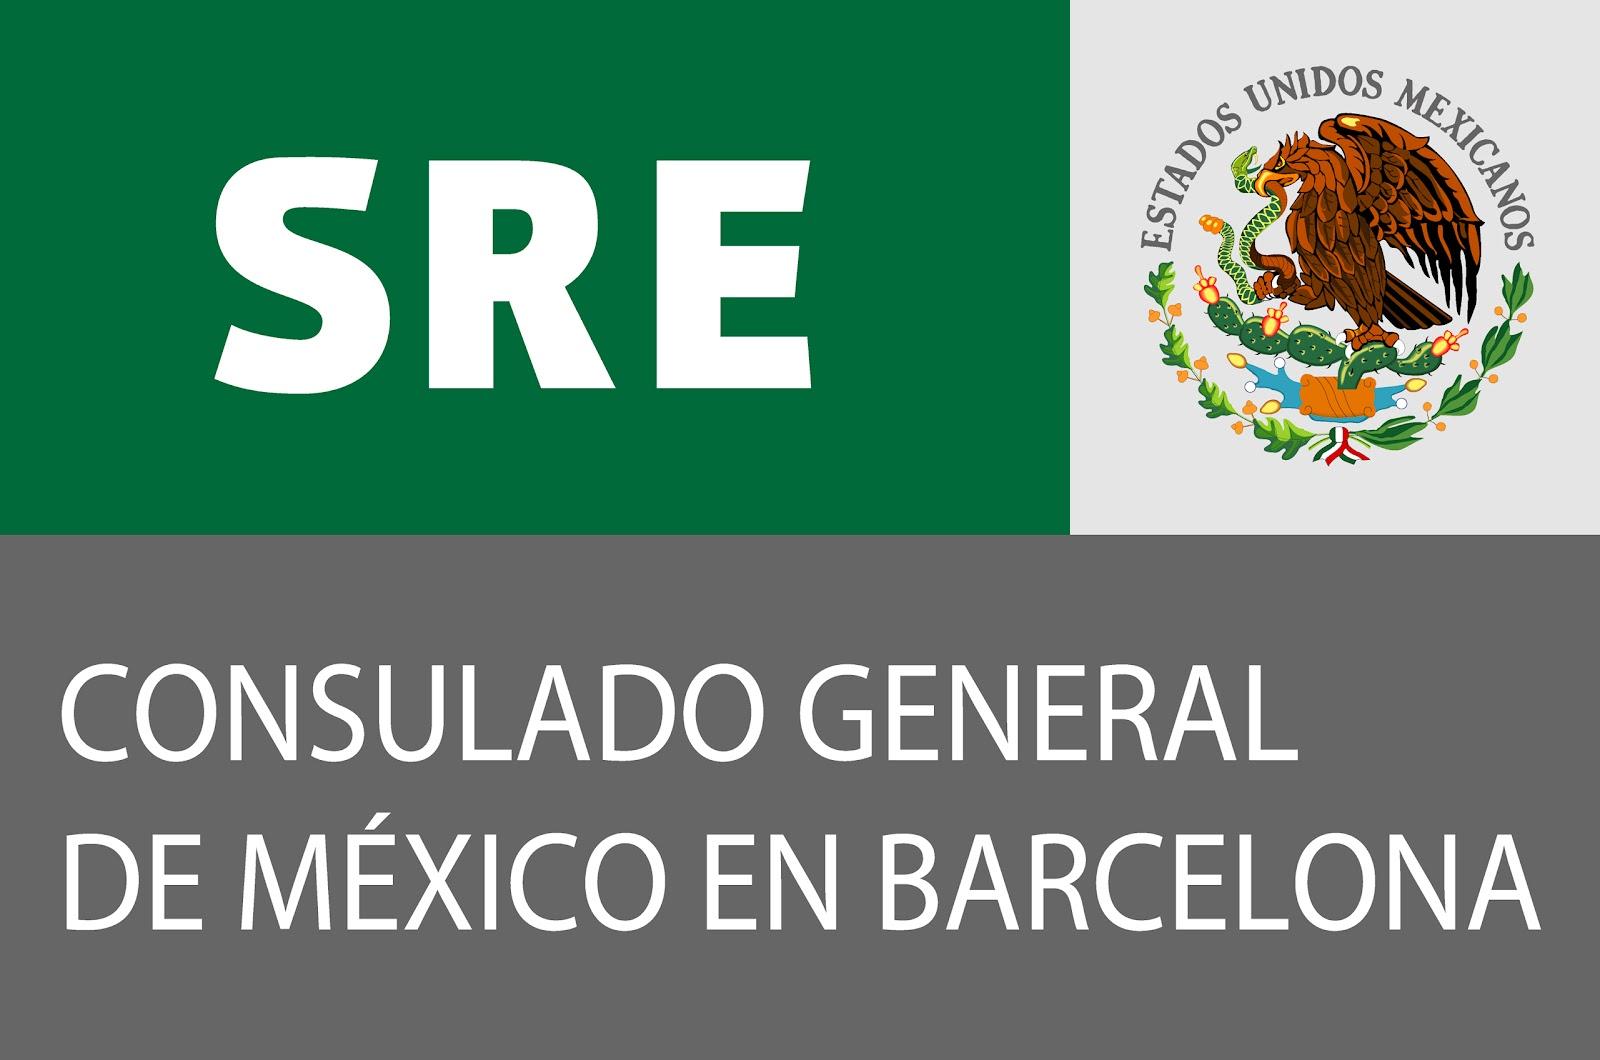 Bit cora del webmaster de mexicanos en espa a jornada de - Consulado argentino en madrid telefono ...